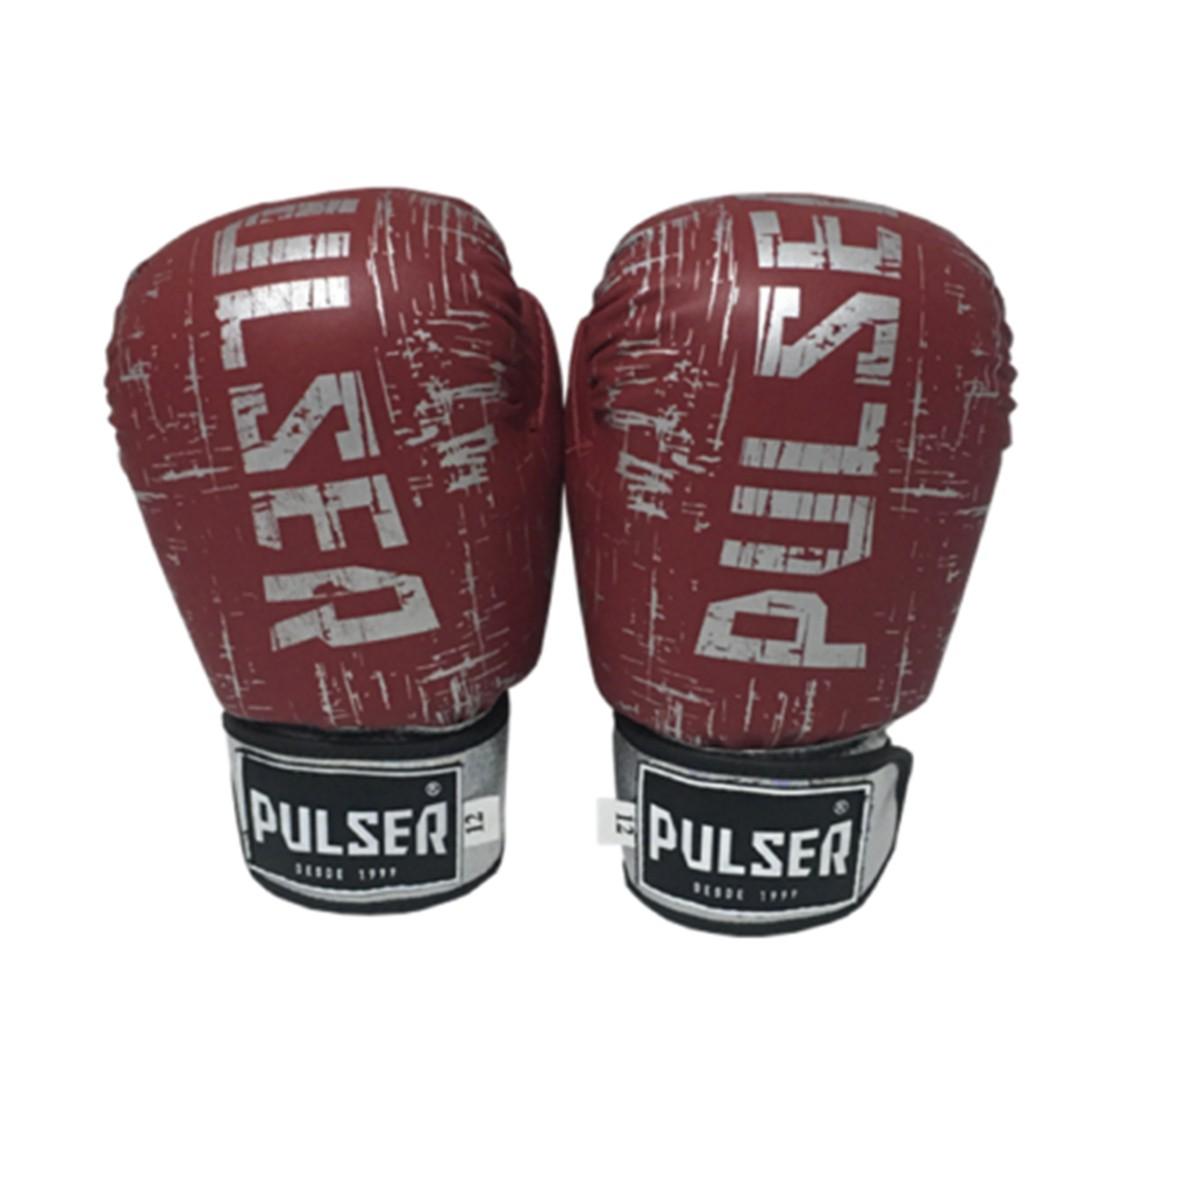 Kit de Boxe / Muay Thai 12oz - Vermelho Riscado - Pulser  - PRALUTA SHOP